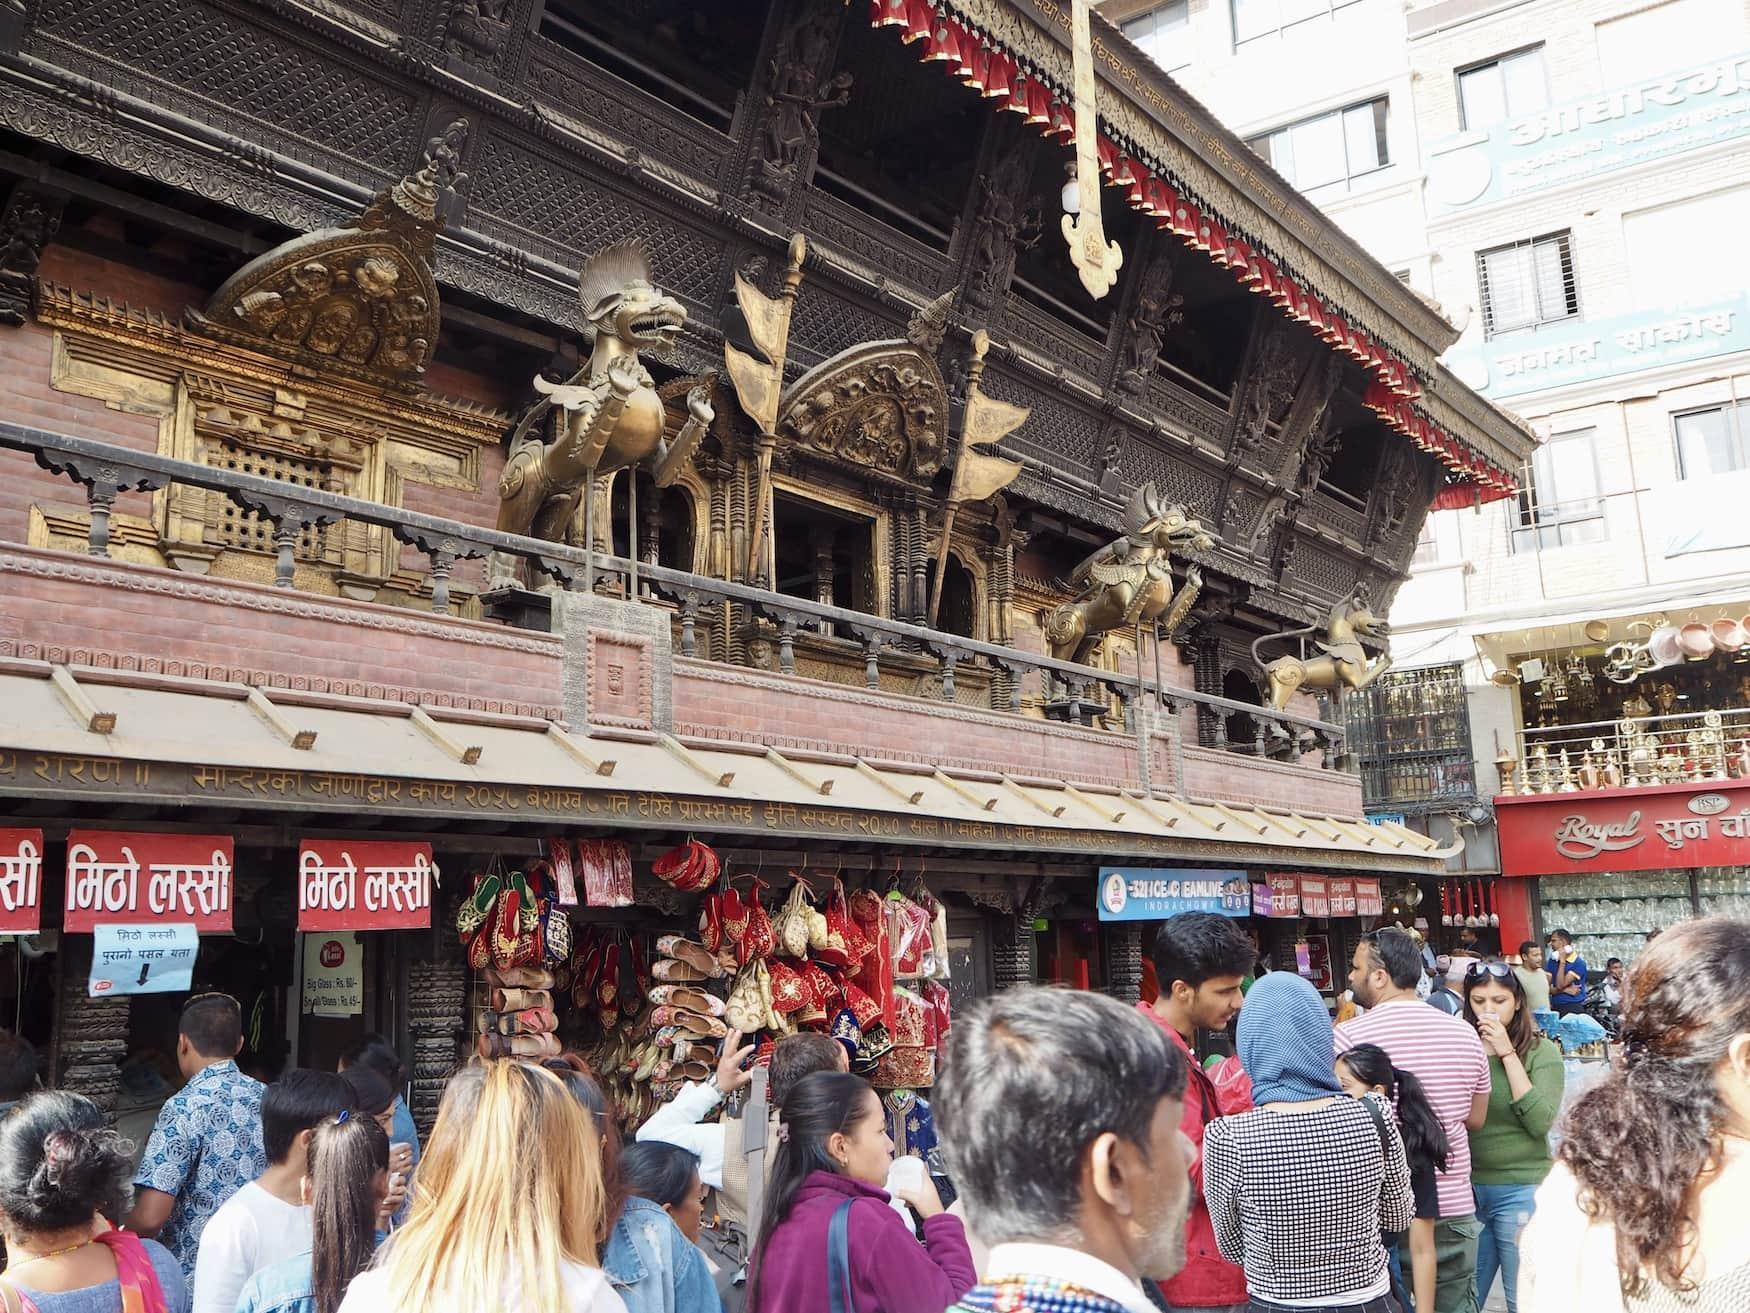 Menschen drängen sich durch Straße in Kathmandu